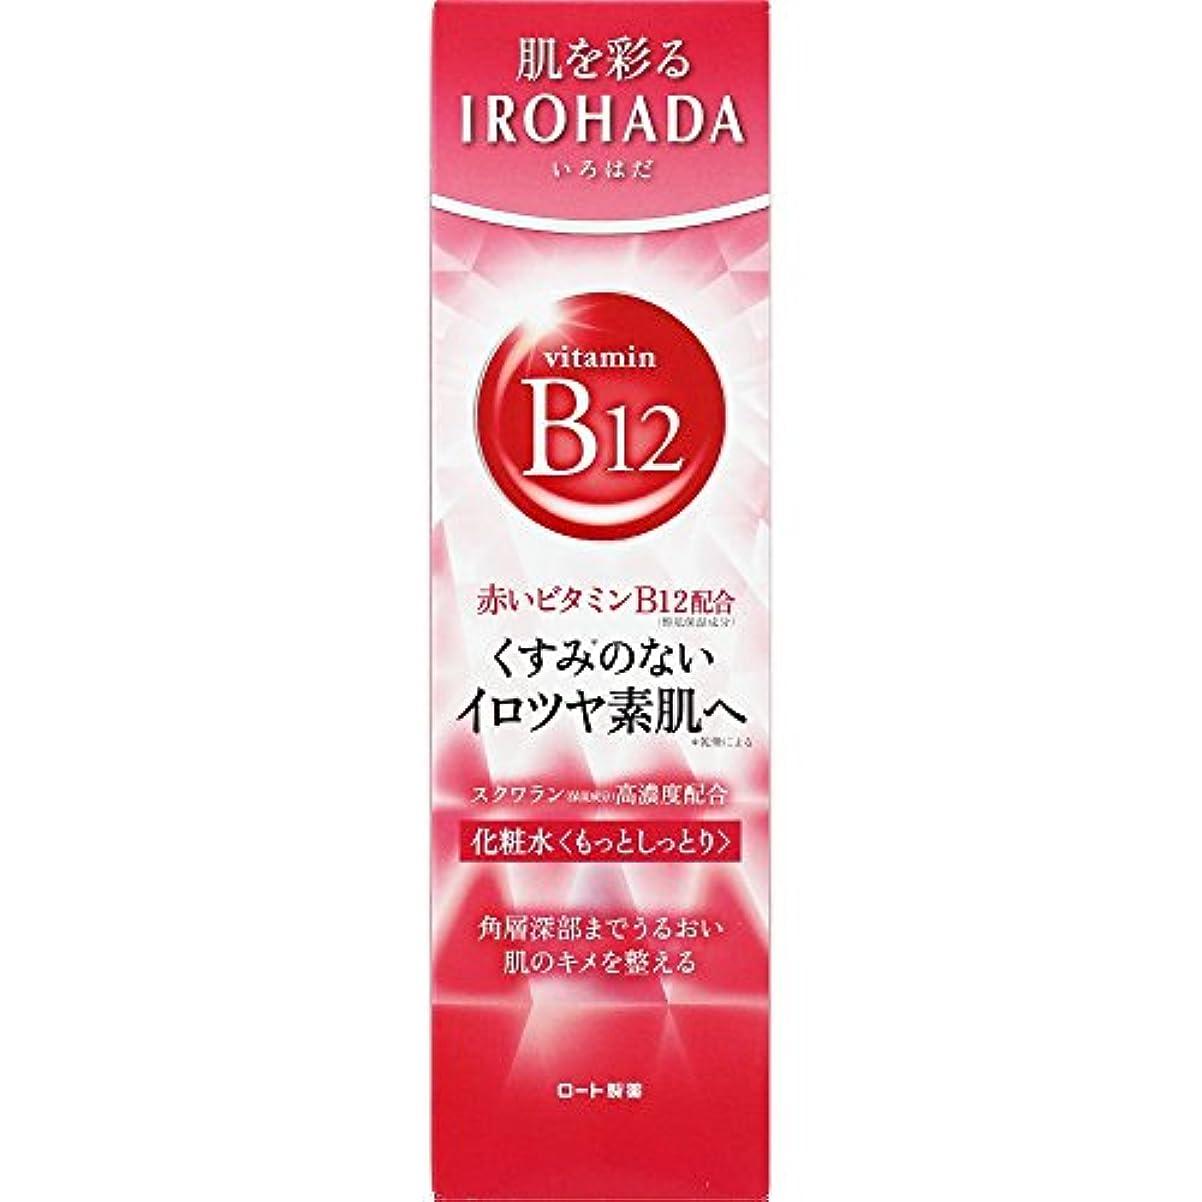 レジデンスコンサート移住するロート製薬 いろはだ (IROHADA) 赤いビタミンB12×スクワラン配合 化粧水もっとしっとり 160ml